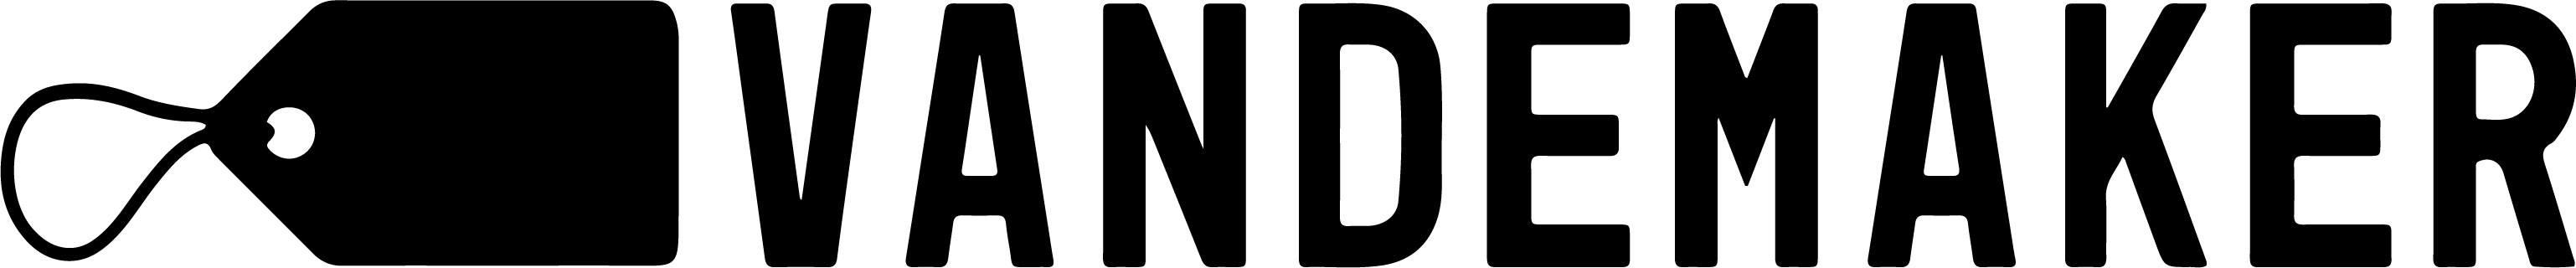 vandemaker-logo